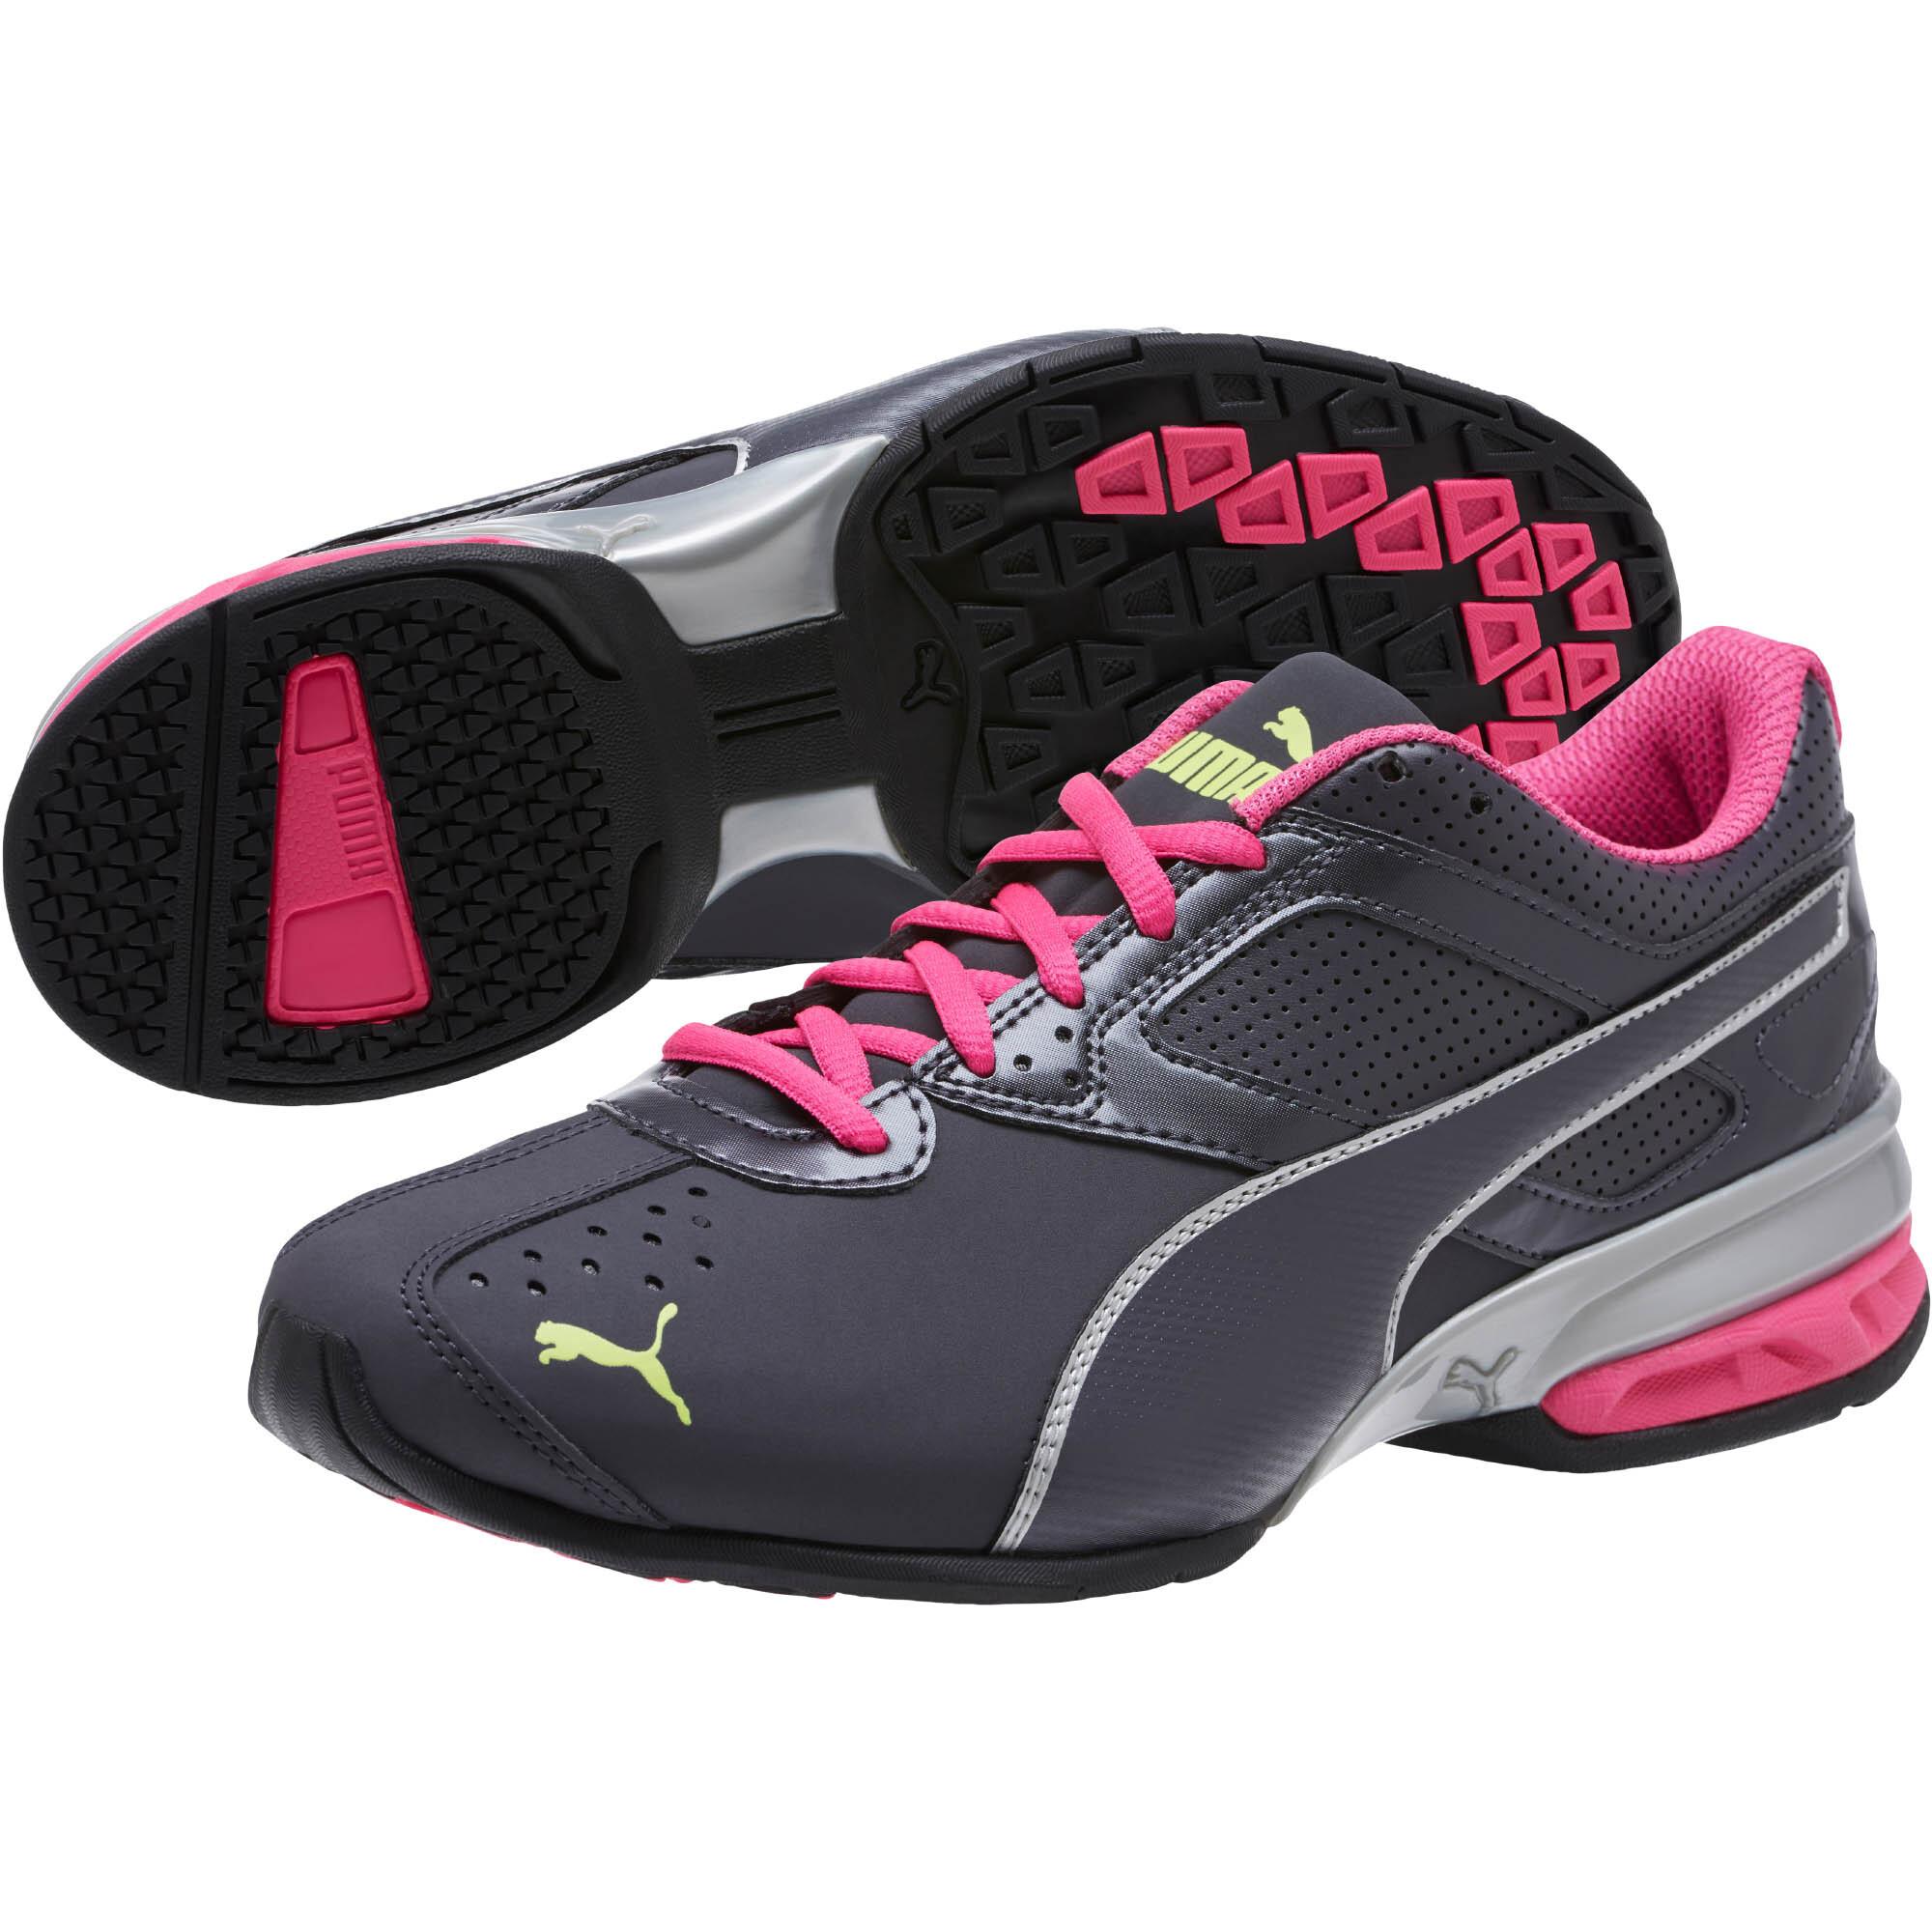 PUMA-Tazon-6-FM-Women-039-s-Sneakers-Women-Shoe-Running thumbnail 28